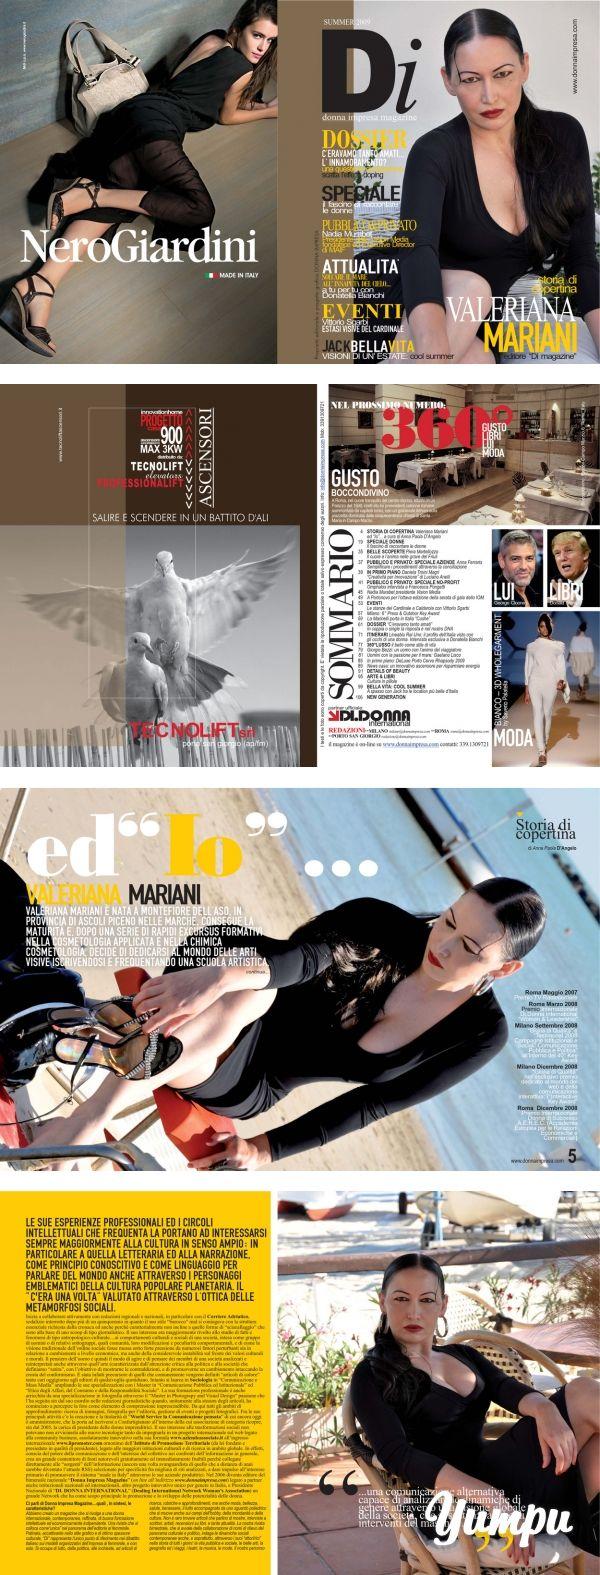 Donna Impresa Magazine COVER Valeriana Mariani Editore e Presidente Di magazine - Magazine with 51 pages: VALERIANA MARIANI È NATA A MONTEFIORE DELL'ASO, IN PROVINCIA DI ASCOLI PICENO NELLE MARCHE. CONSEGUE LA MATURITÀ E, DOPO UNA SERIE DI RAPIDI EXCURSUS FORMATIVI NELLA COSMETOLOGIA APPLICATA E NELLA CHIMICA COSMETOLOGIA, DECIDE DI DEDICARSI AL MONDO DELLE ARTI VISIVE ISCRIVENDOSI E FREQUENTANDO UNA SCUOLA ARTISTICA, LE SUE ESPERIENZE PROFESSIONALI ED I CIRCOLI INTELLETTUALI CHE FREQUENTA…